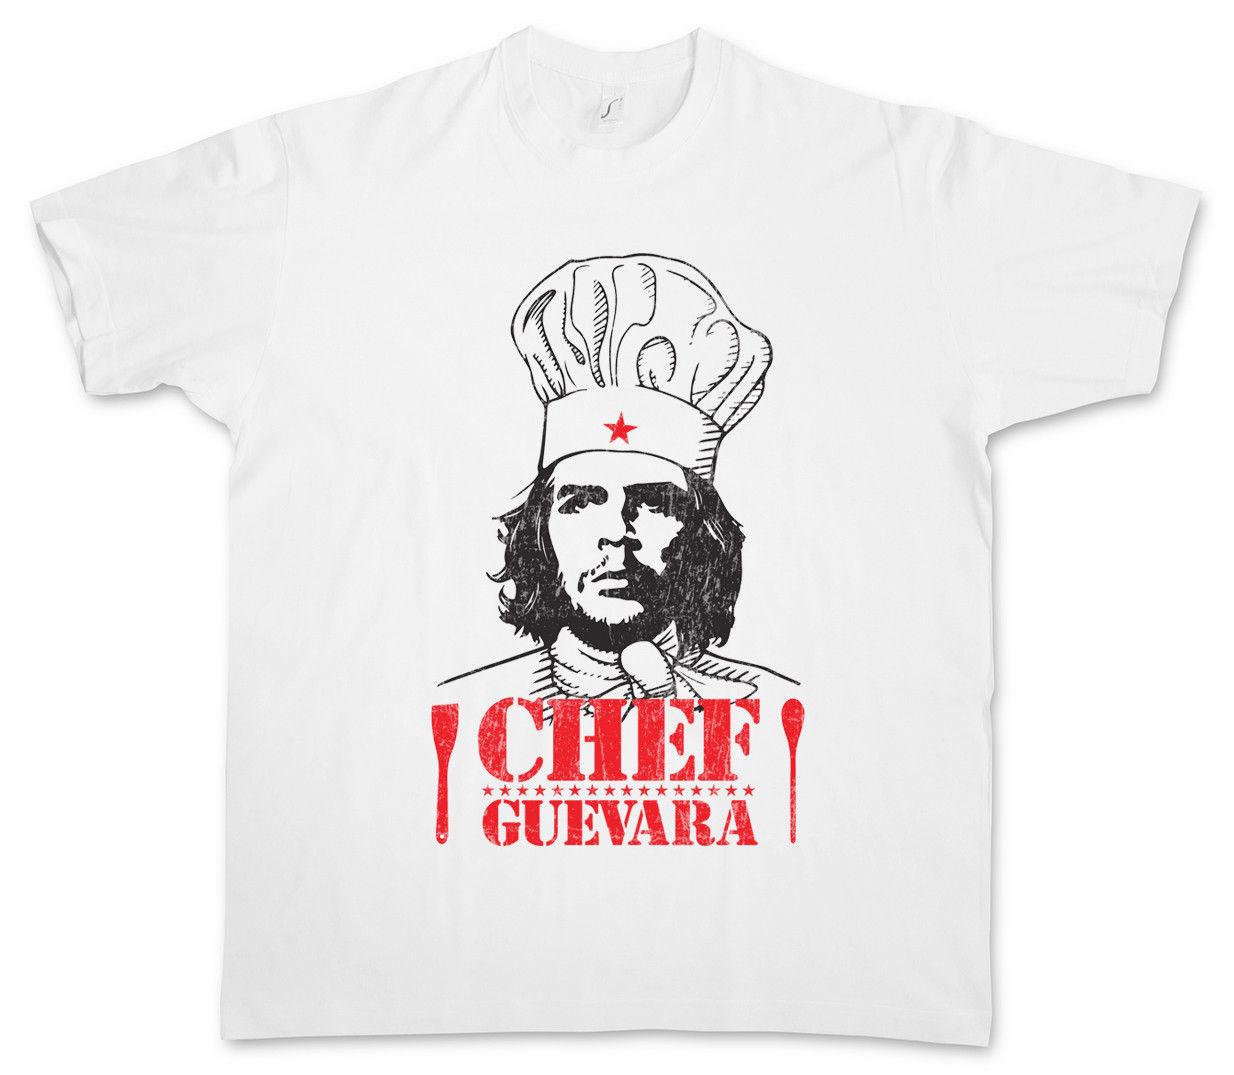 2019 CHEF GUEVARA camiseta Che socialismo el comunismo divertido Revolución Fidel Castro